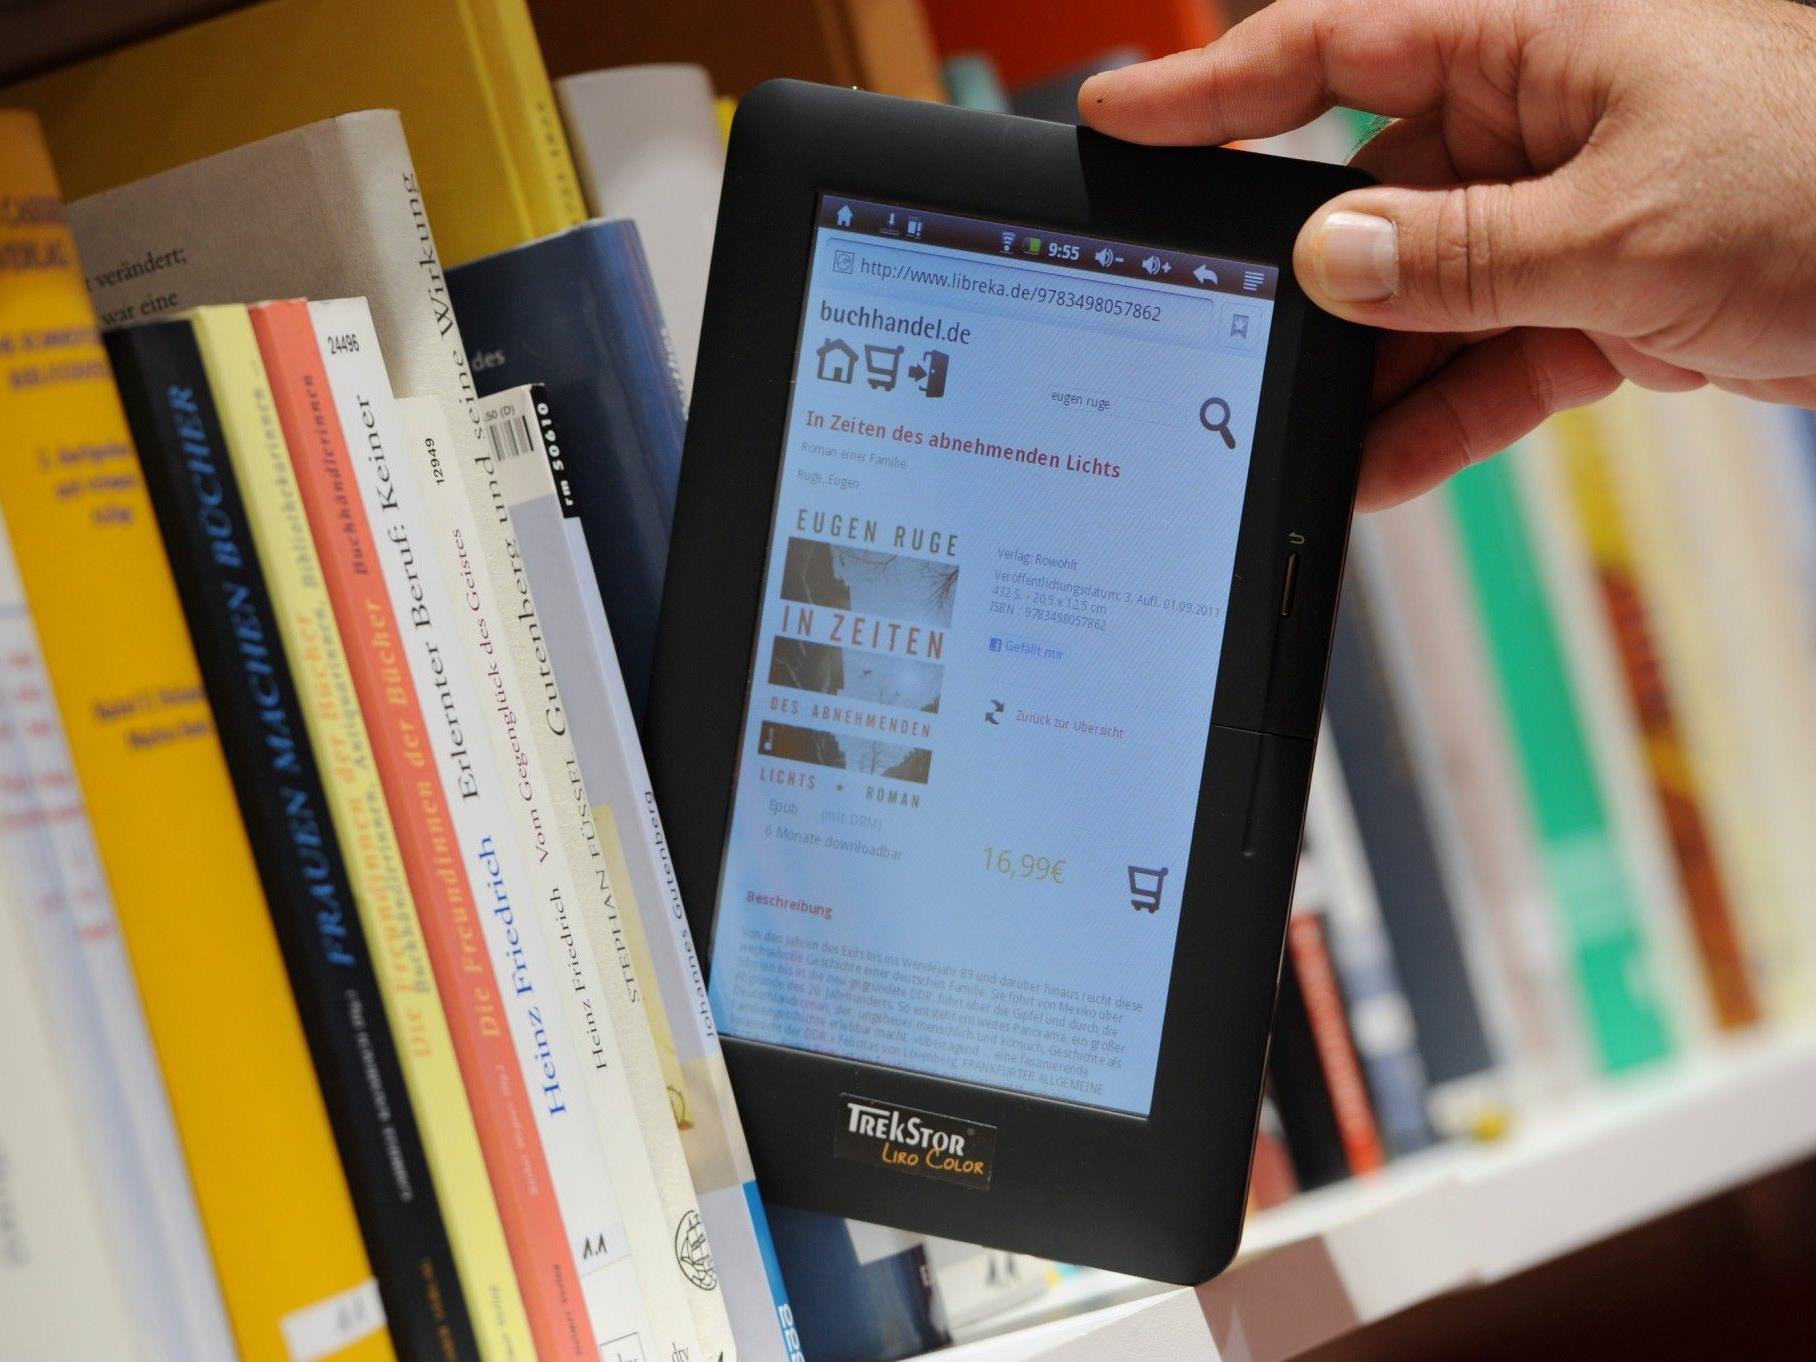 Forbes-Vorschlag hätte für Verlage den Vorteil, dass E-Books nicht mehr wahllos verliehen werden können.